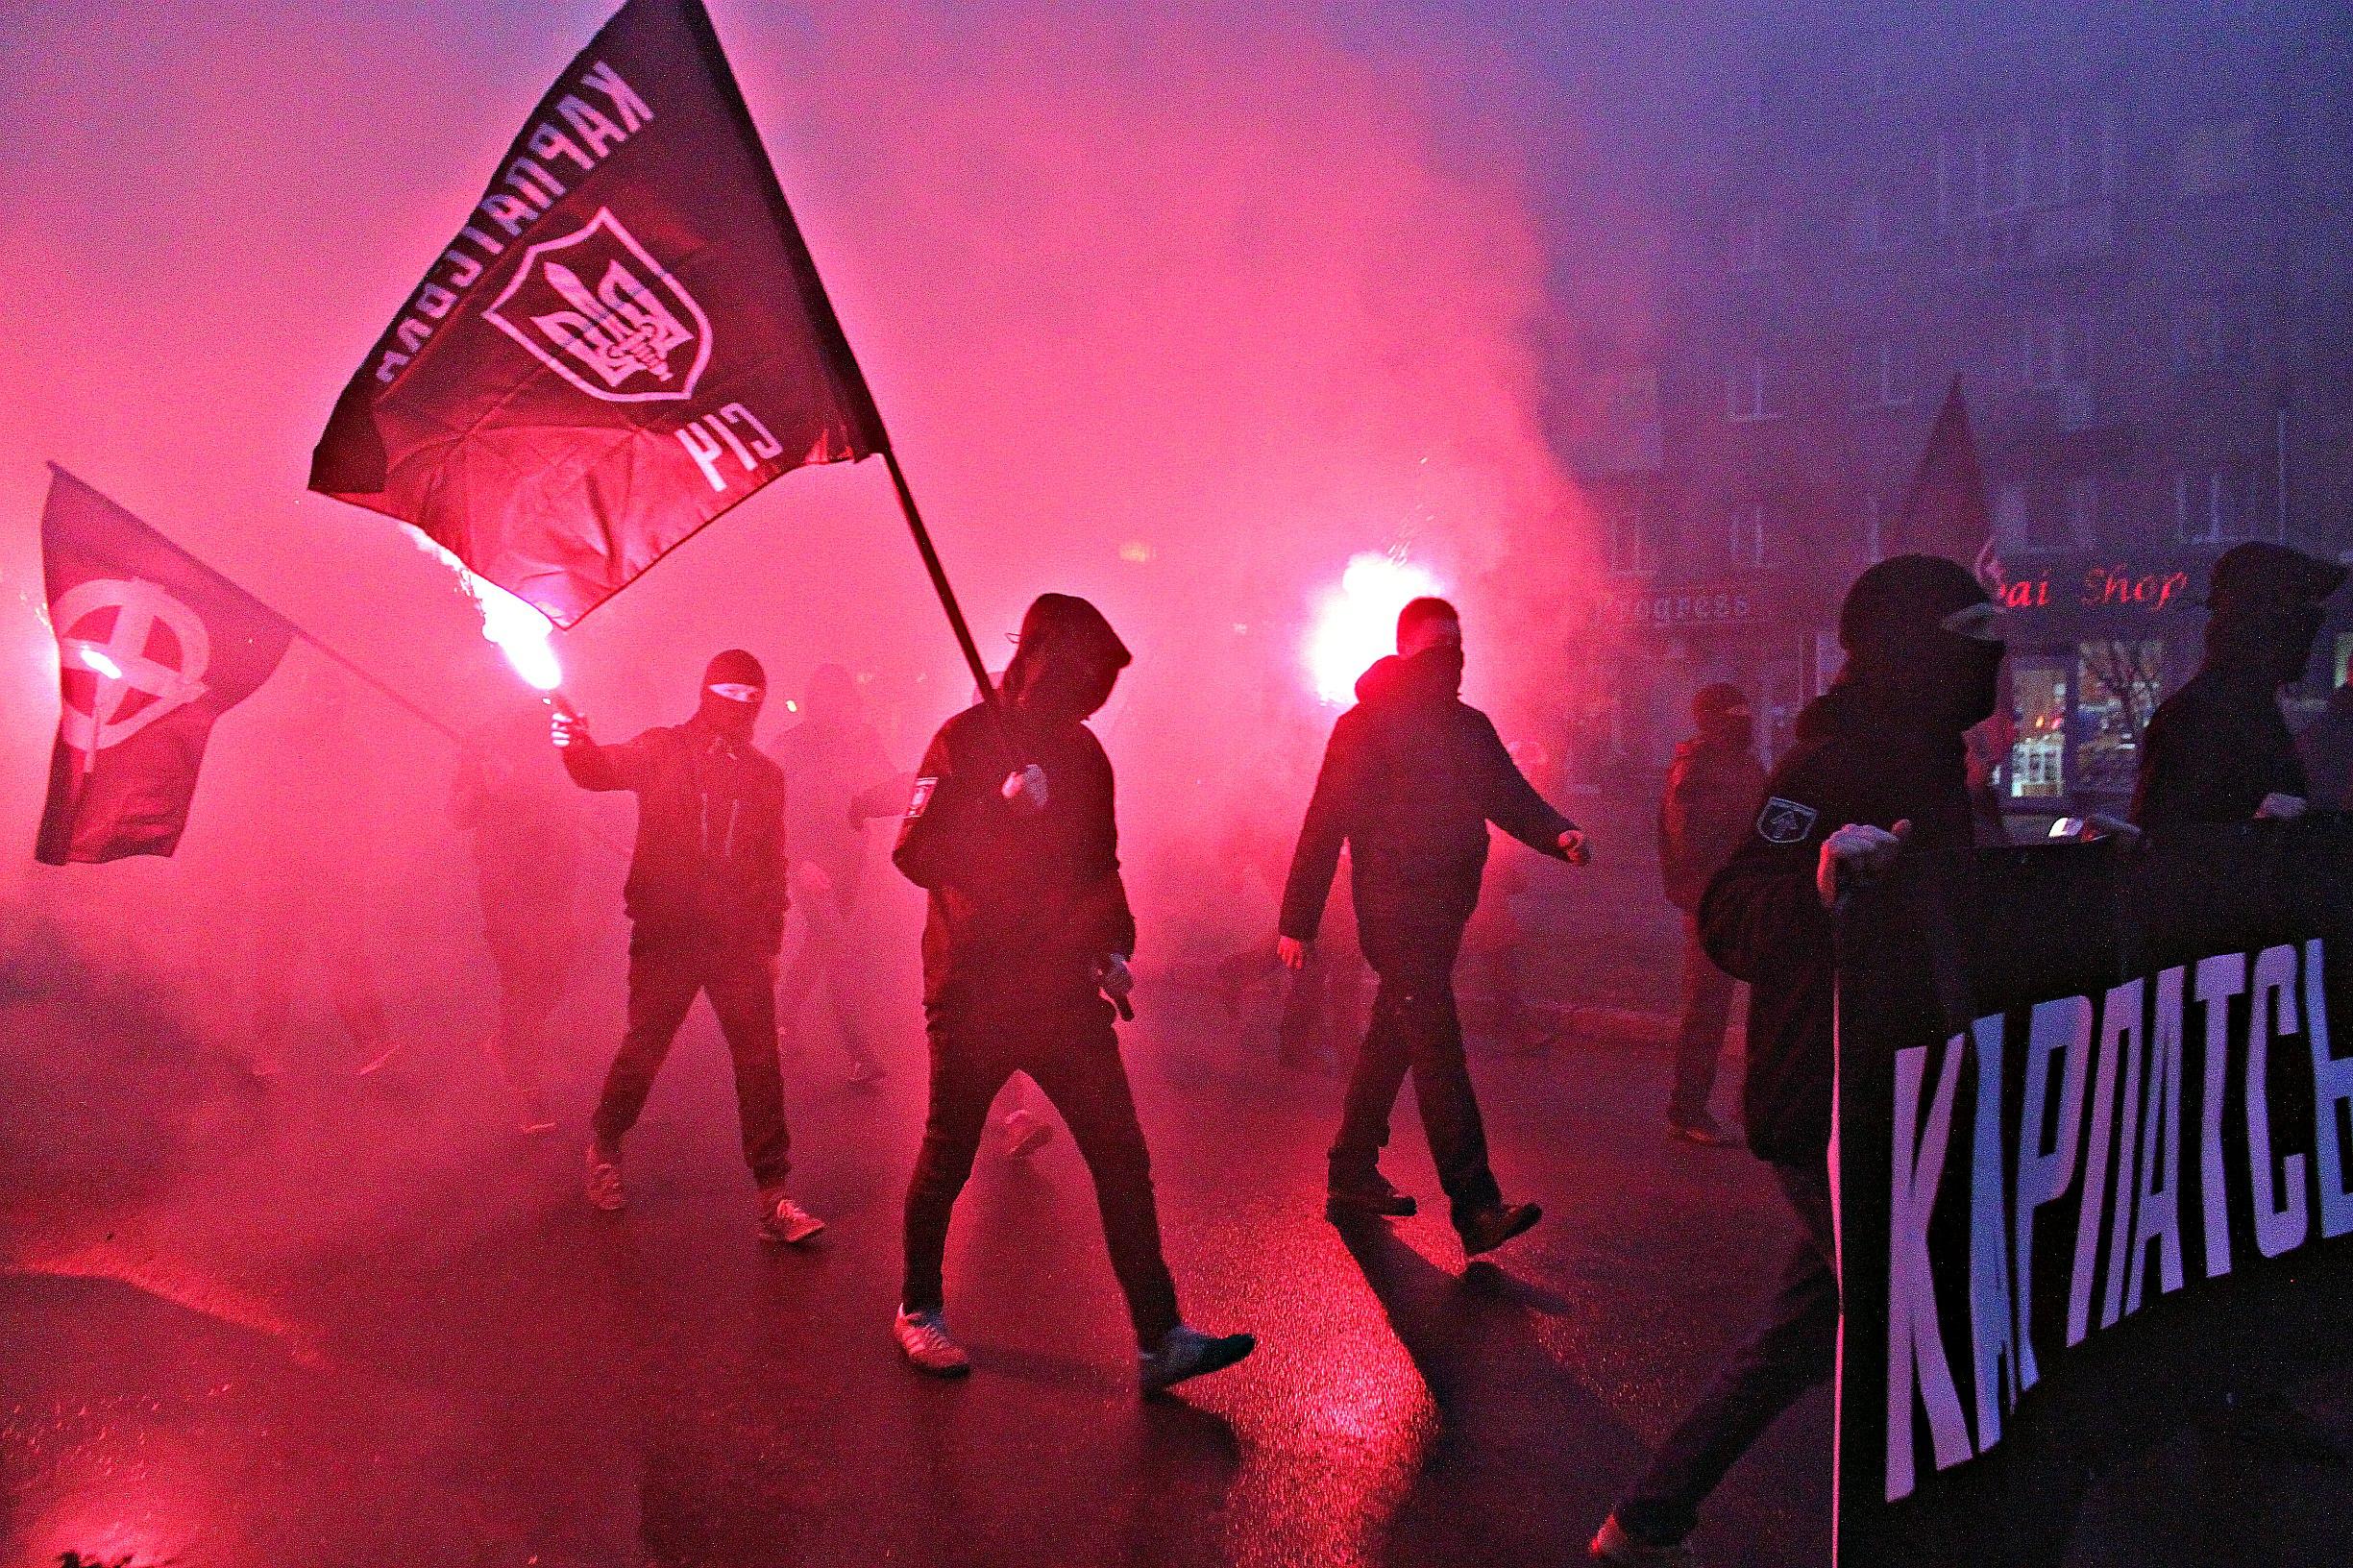 Karpatszka Szics felvonulása Ungváron, képanyag: 64 kép F2yfwoGDG3k